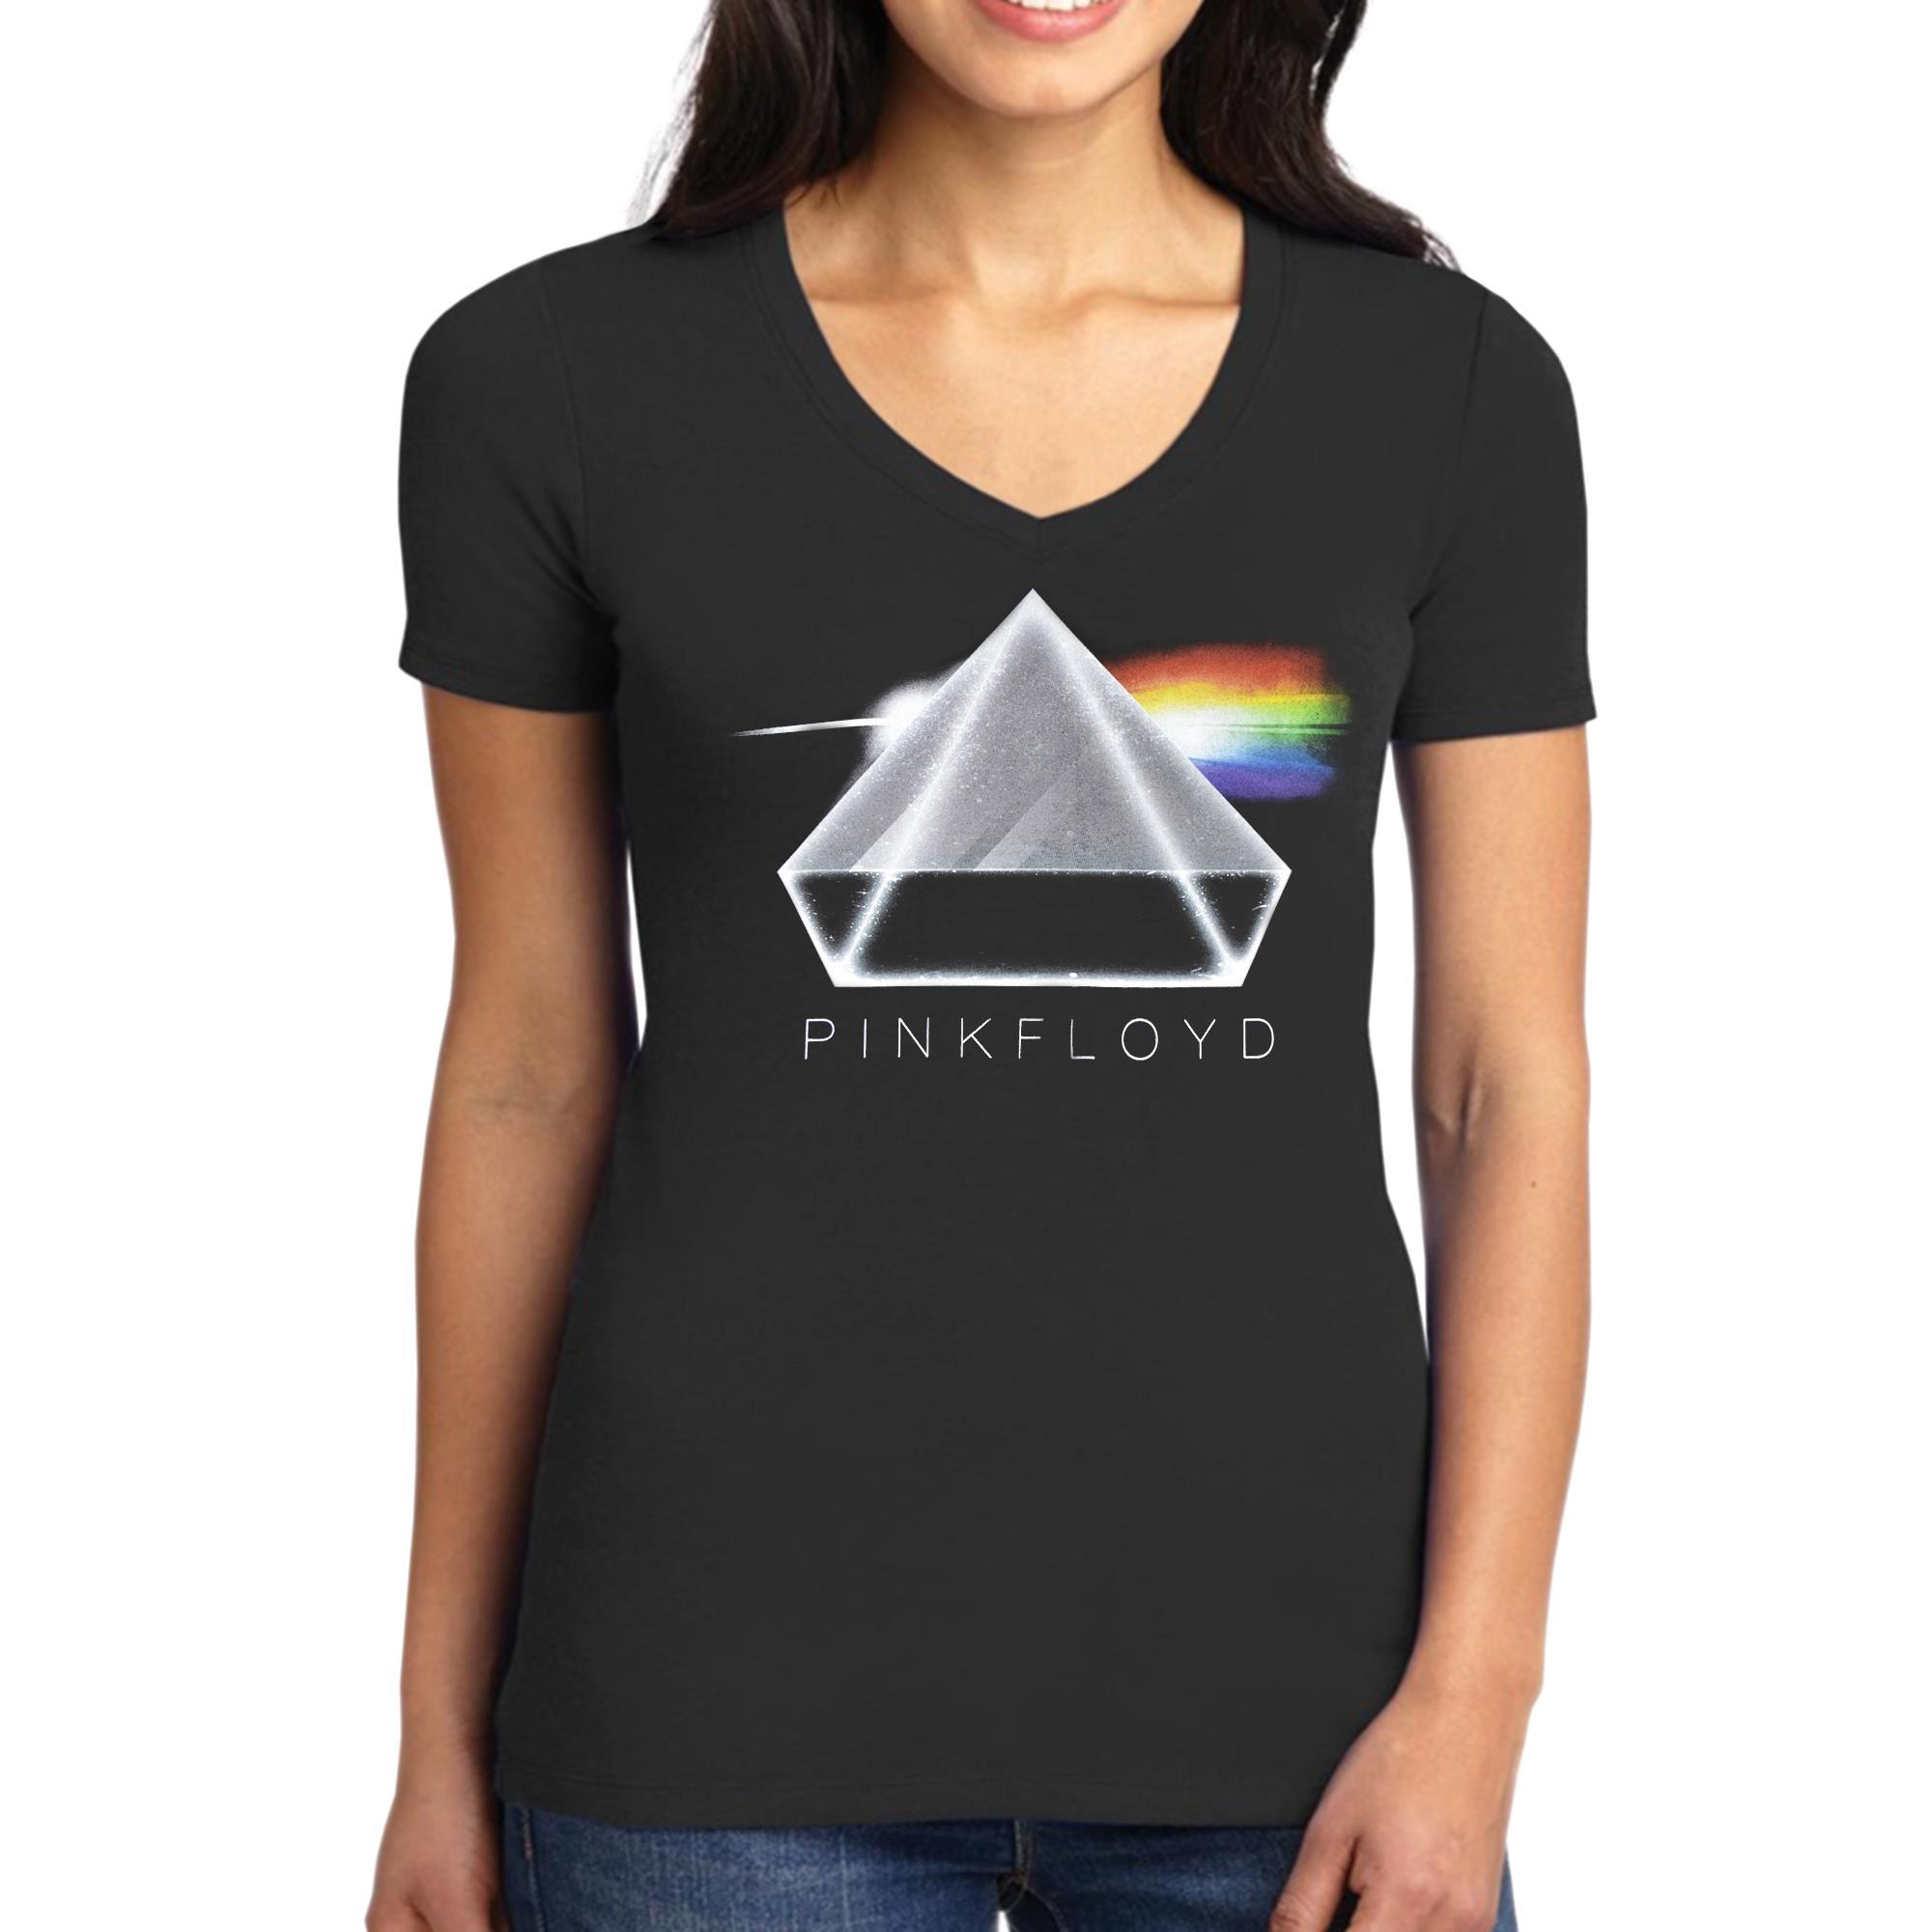 3D Prism V-Neck Shirt